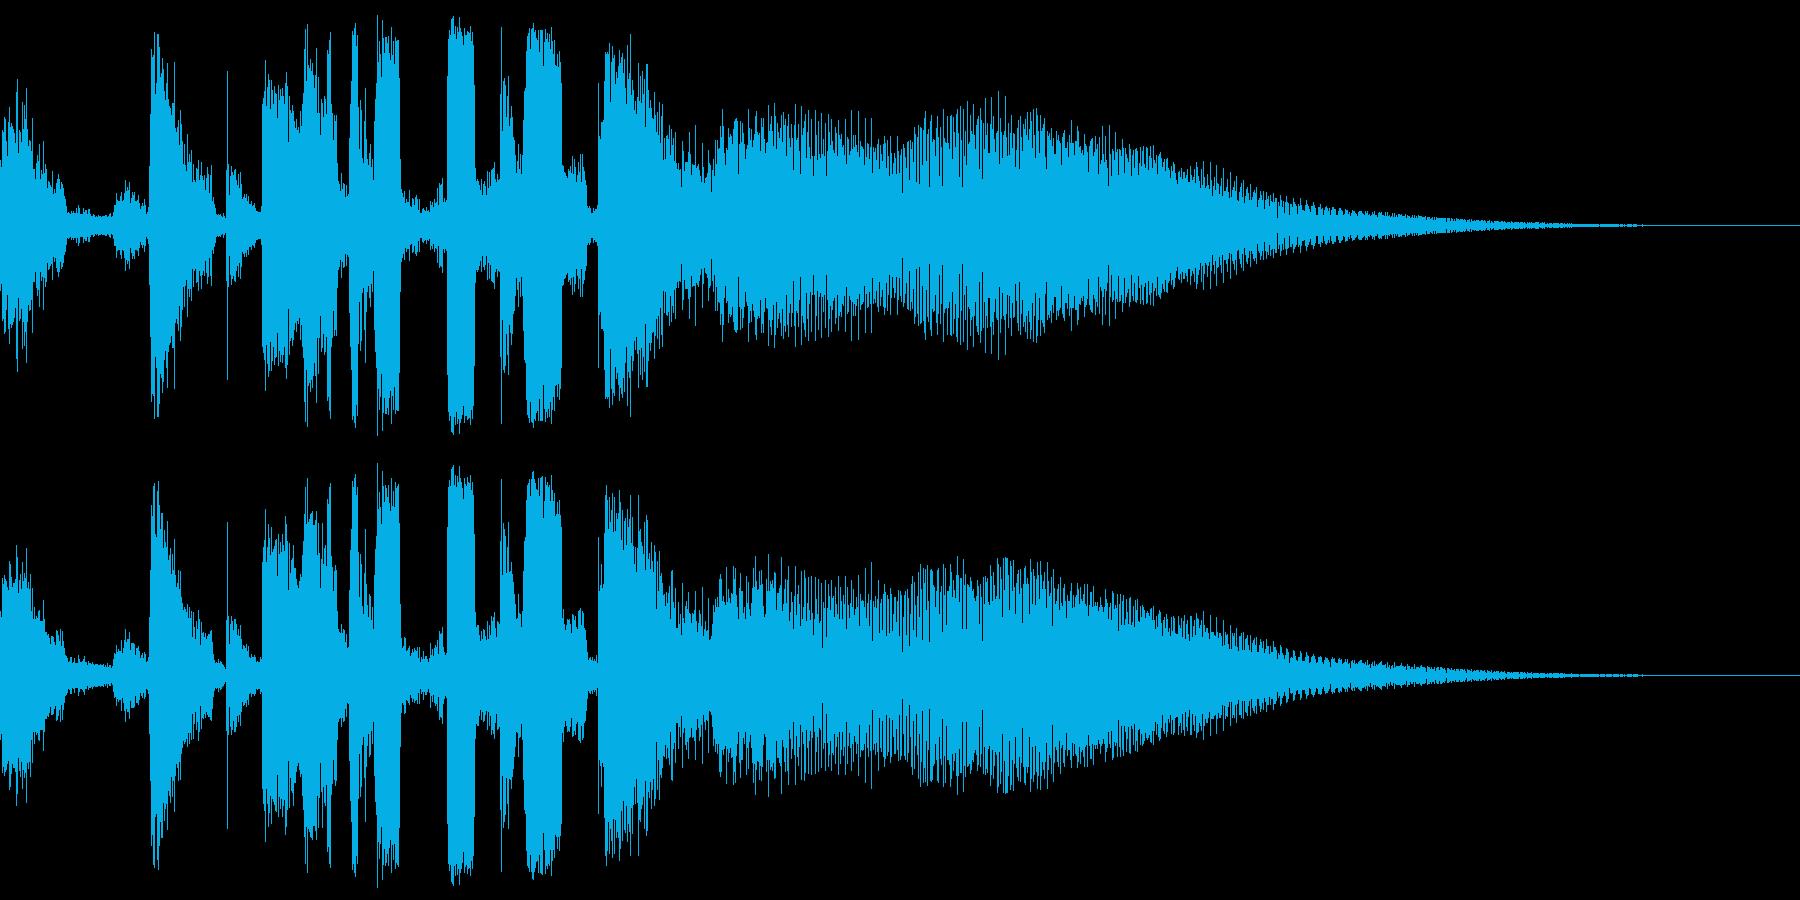 ハウス、クラブミュージック系のジングルの再生済みの波形